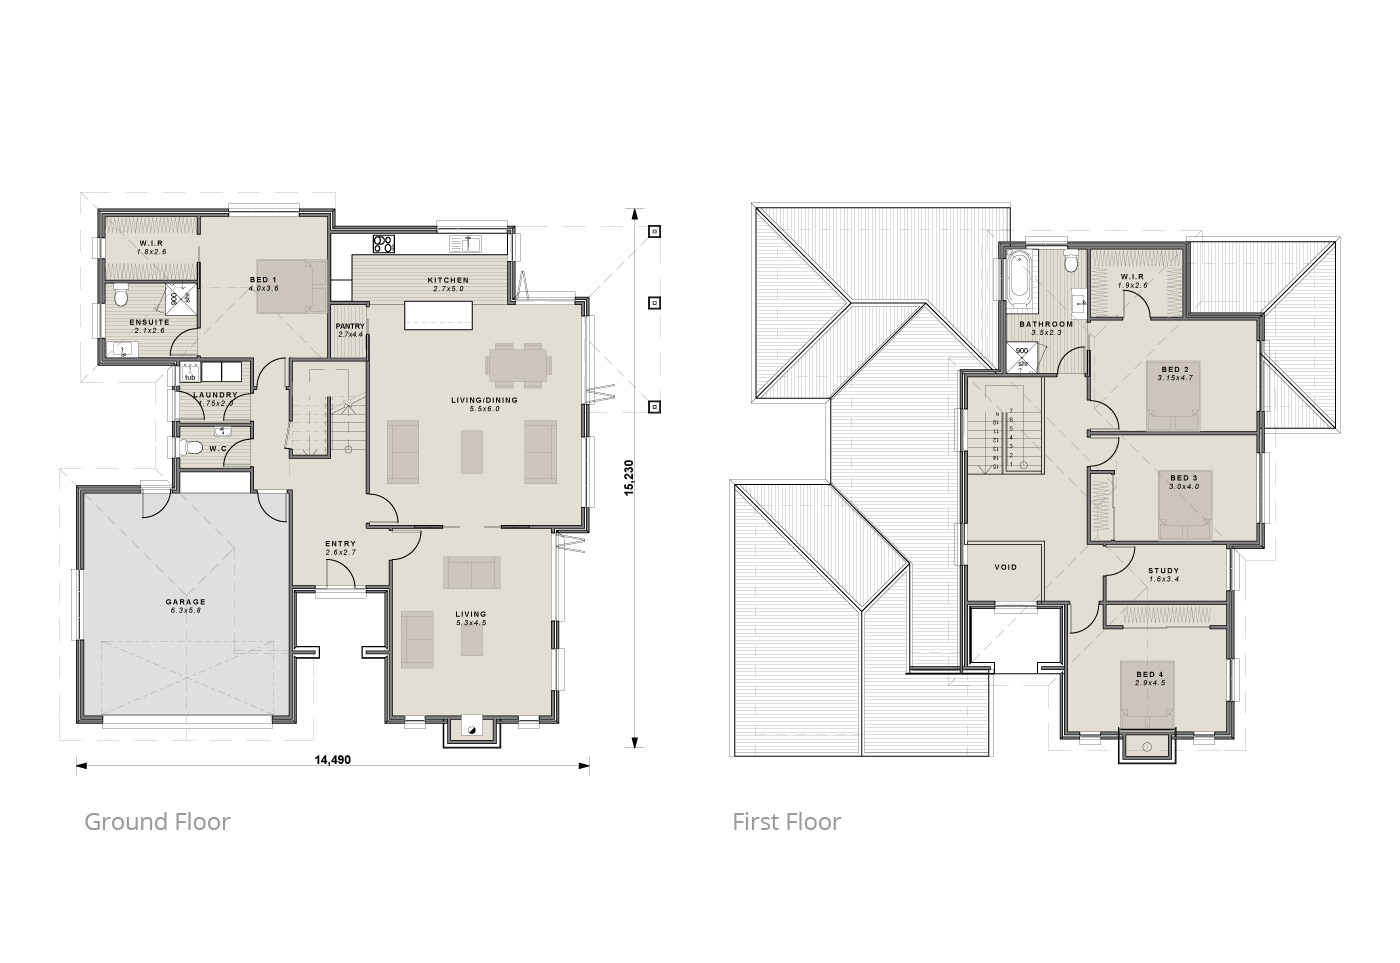 The Brahms floor plan